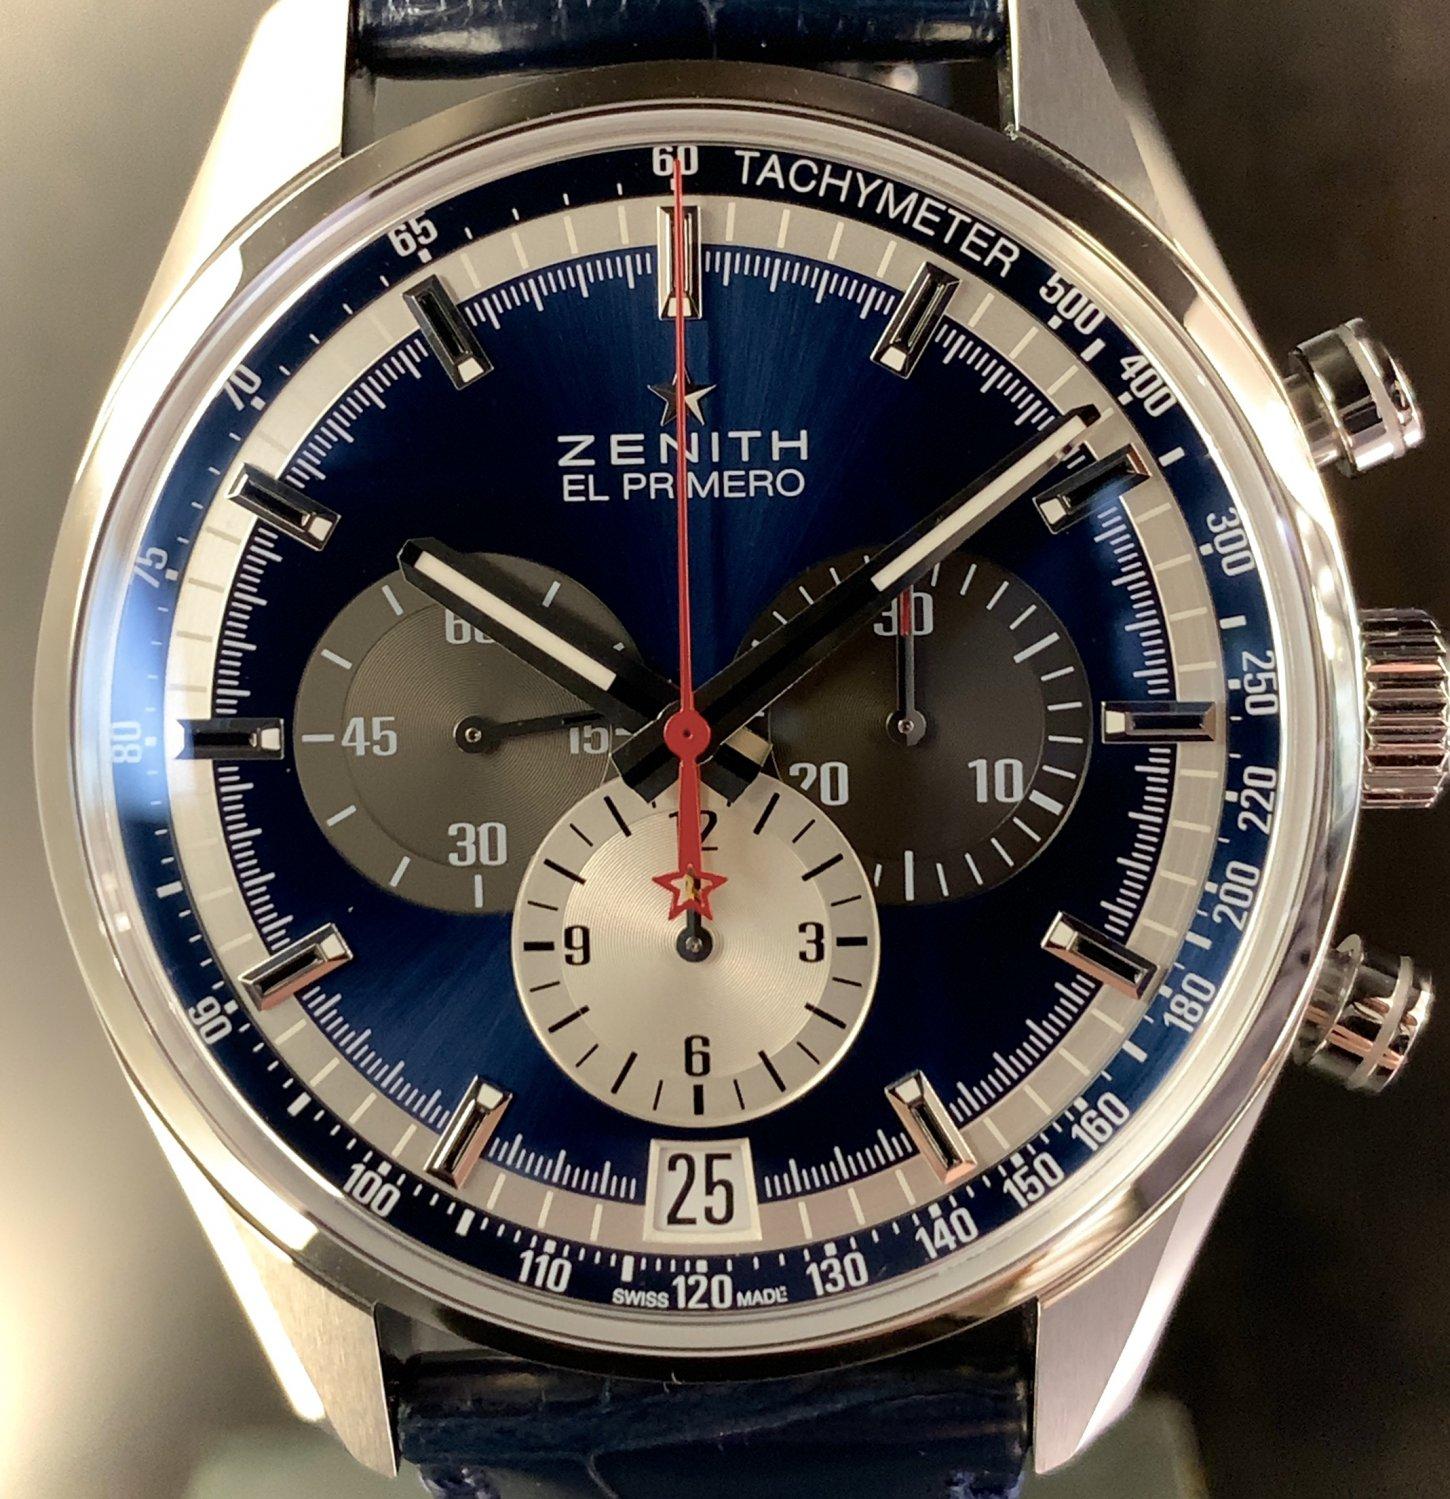 IMG_E2108 サンレイ仕上げのブルー文字盤が美しい「クロノマスター エル・プリメロ」 - CHRONOMASTER